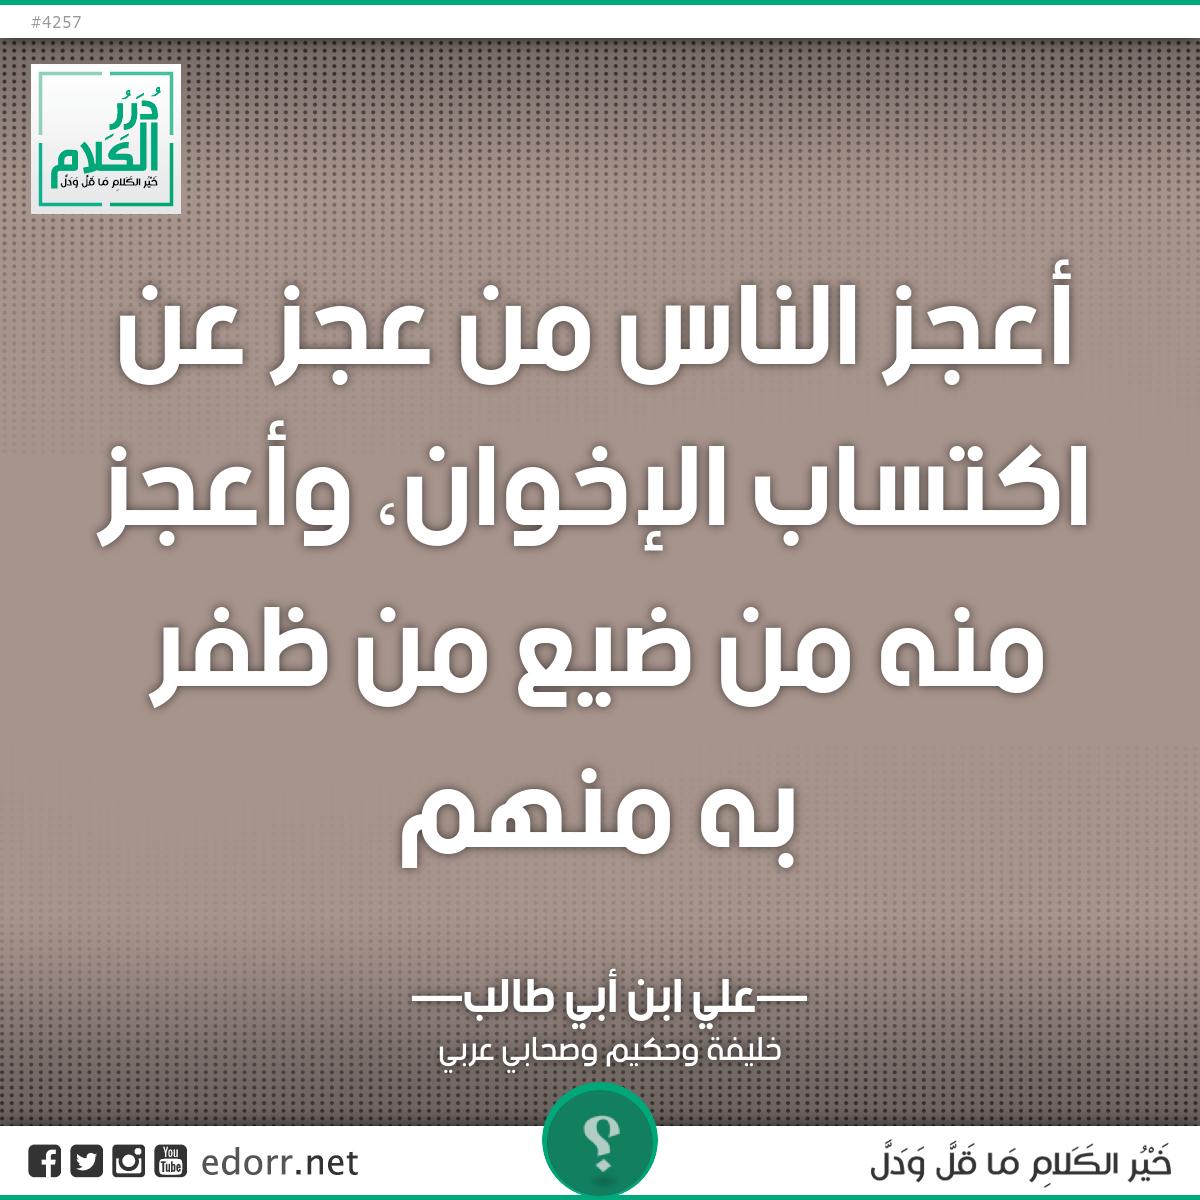 أعجز الناس من عجز عن اكتساب الإخوان، وأعجز منه من ضيع من ظفر به منهم.